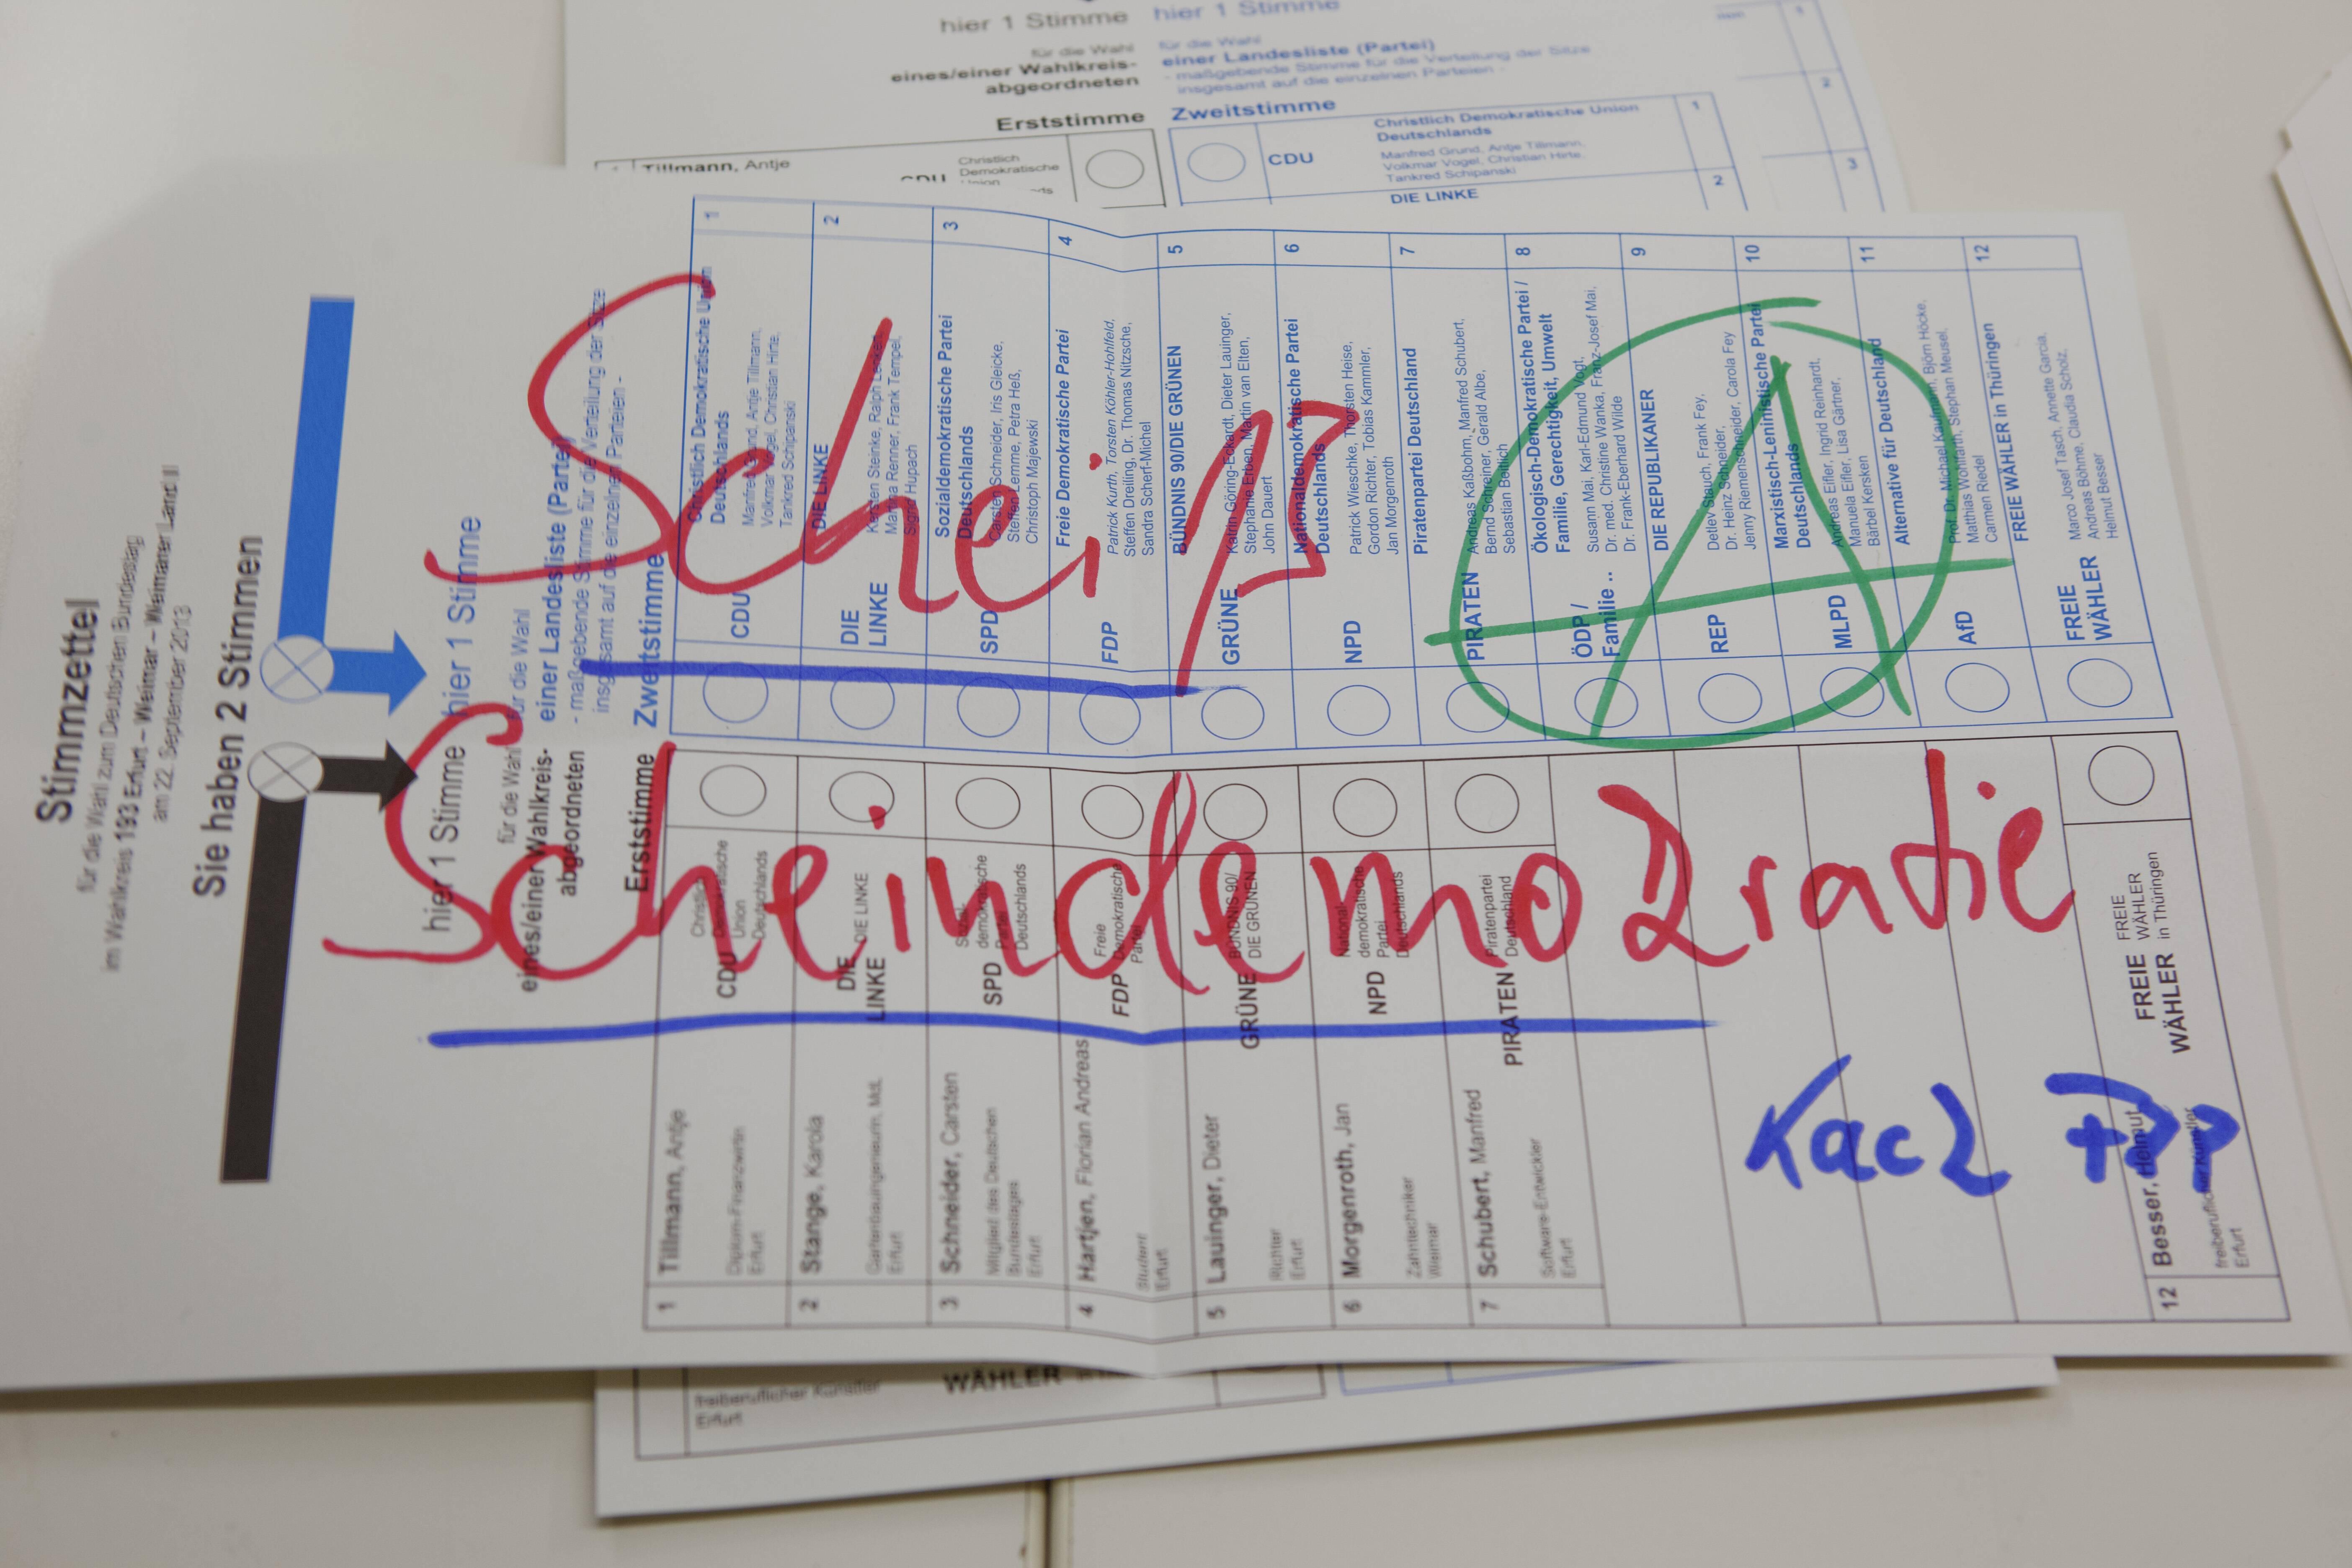 Bild zu Bundestagswahl, Erststimme, Zweitstimme, Angela Merkel